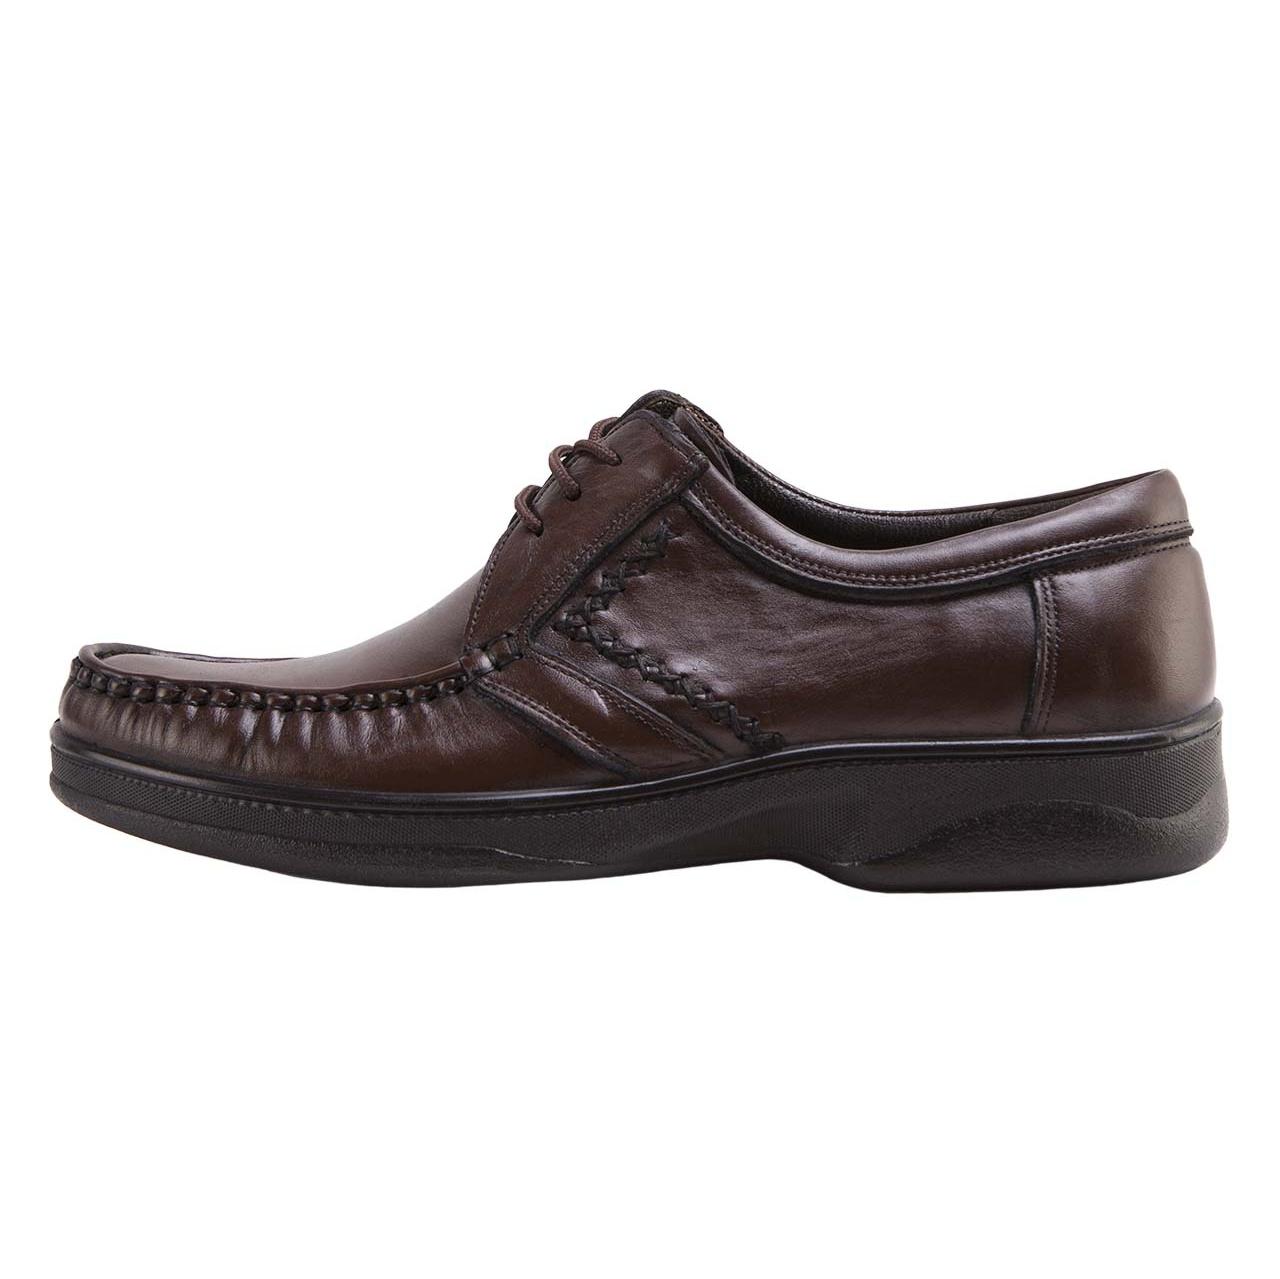 کفش مردانه شوپا کد 7-456